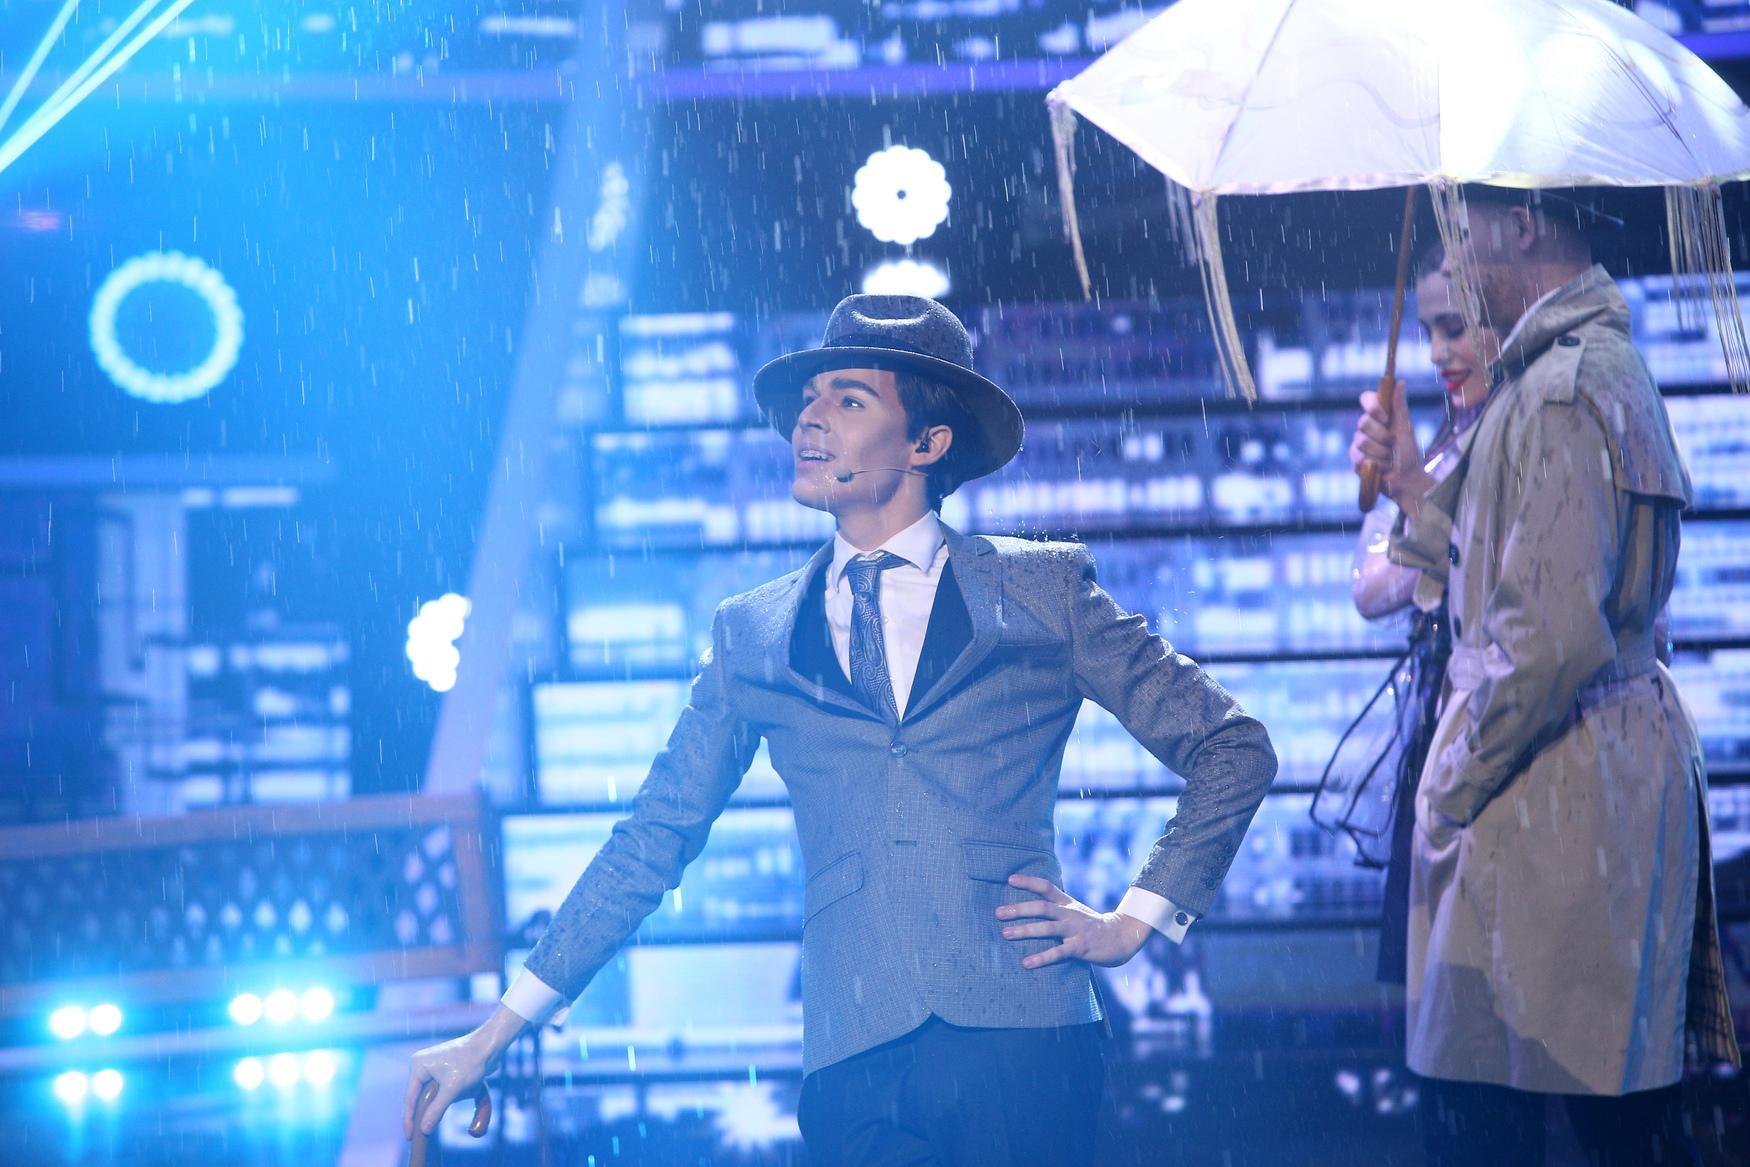 Te cunosc de undeva, 15 mai 2021. Radu Ștefan Bănică a făcut show în ploaie, transformat în Gene Kelly